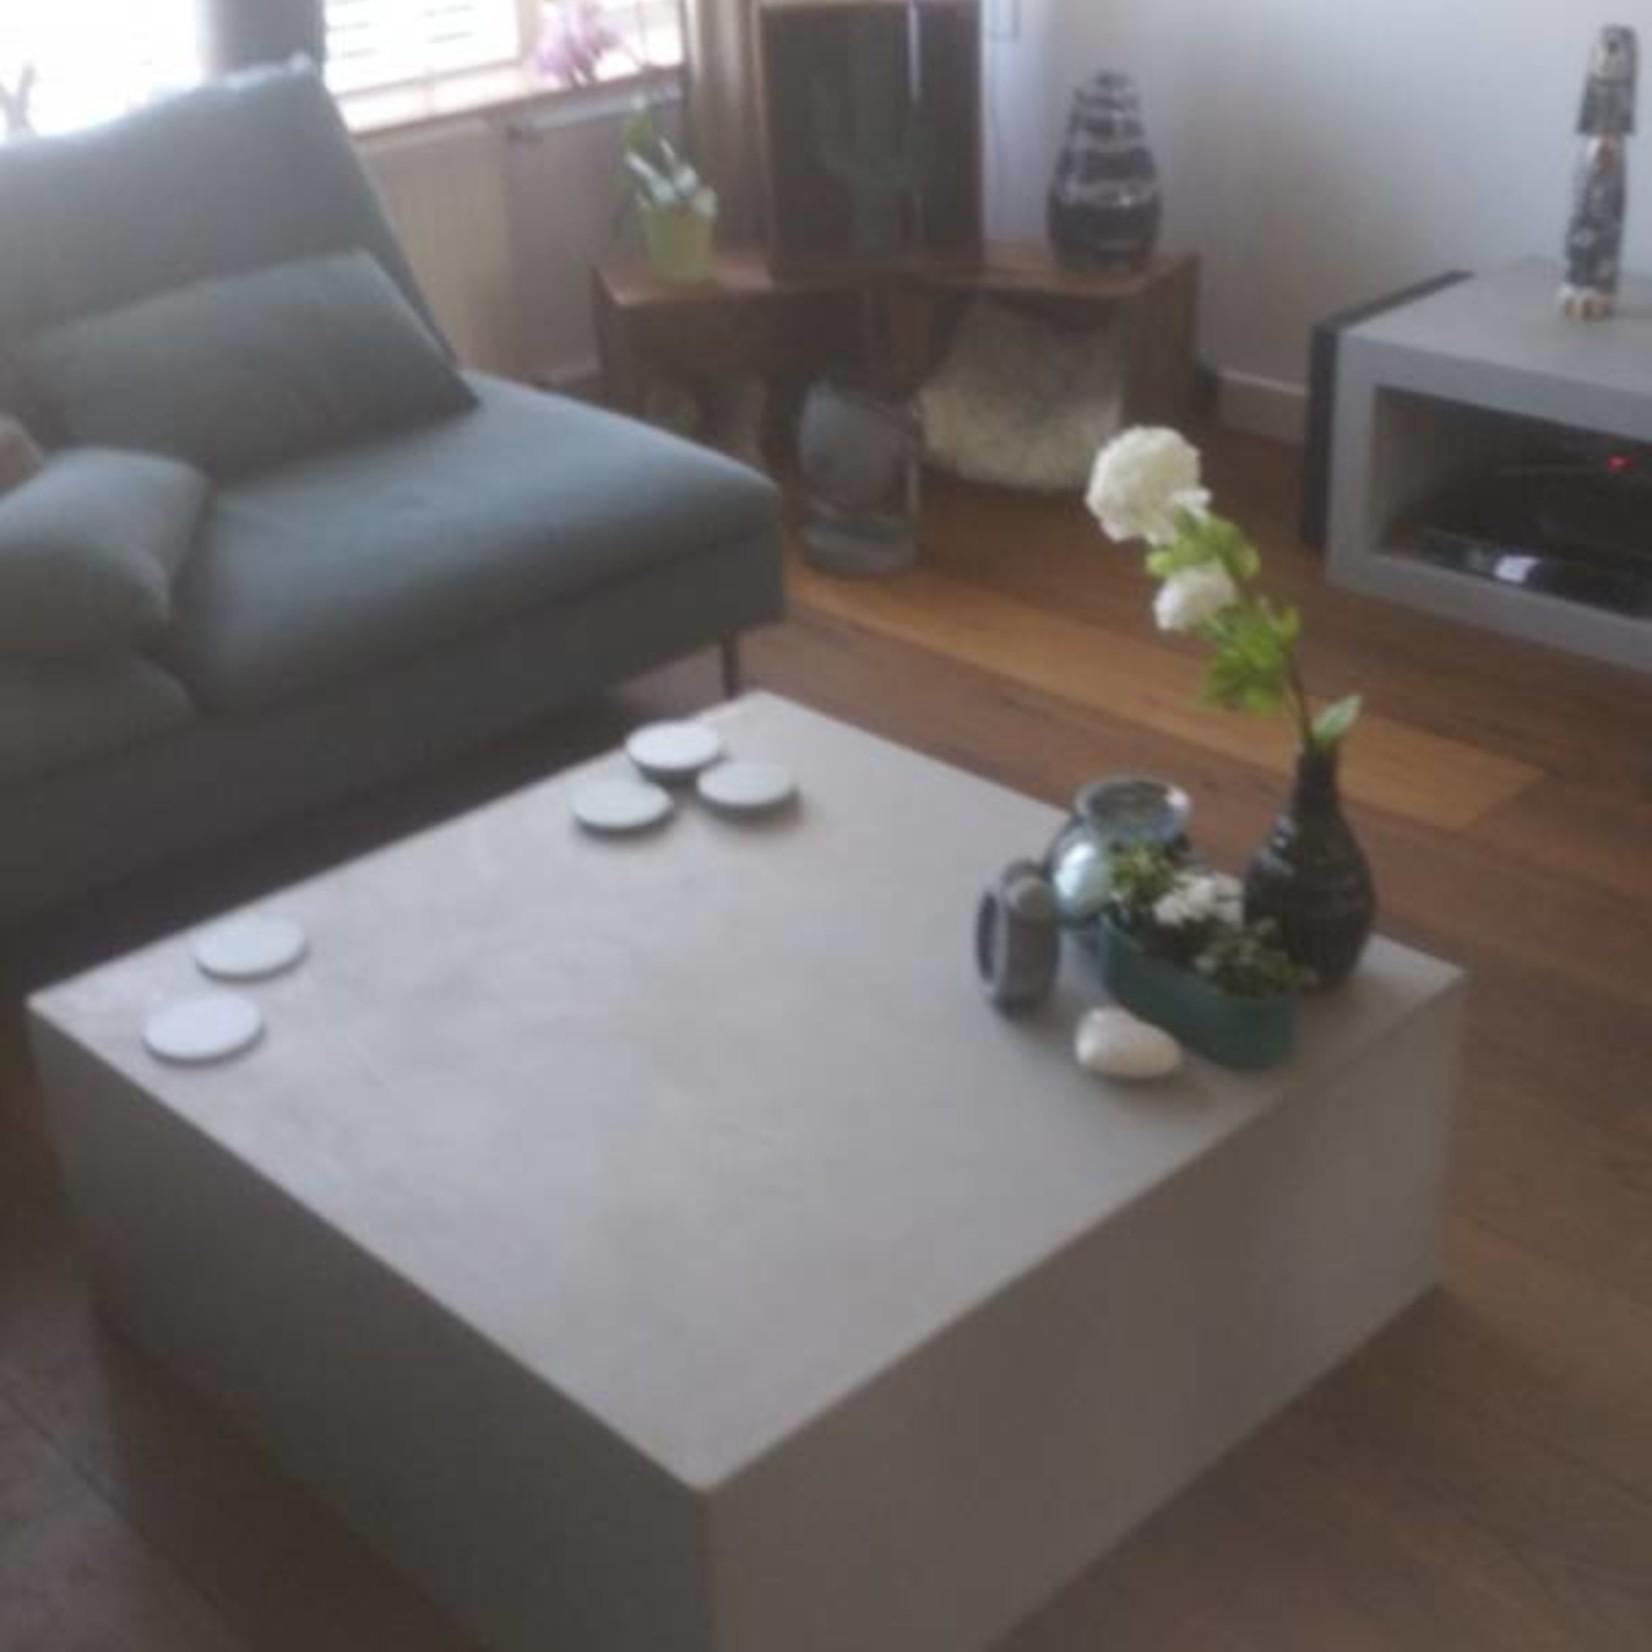 Hocker 60x60/120x35 - Boncreat Beton Ciré